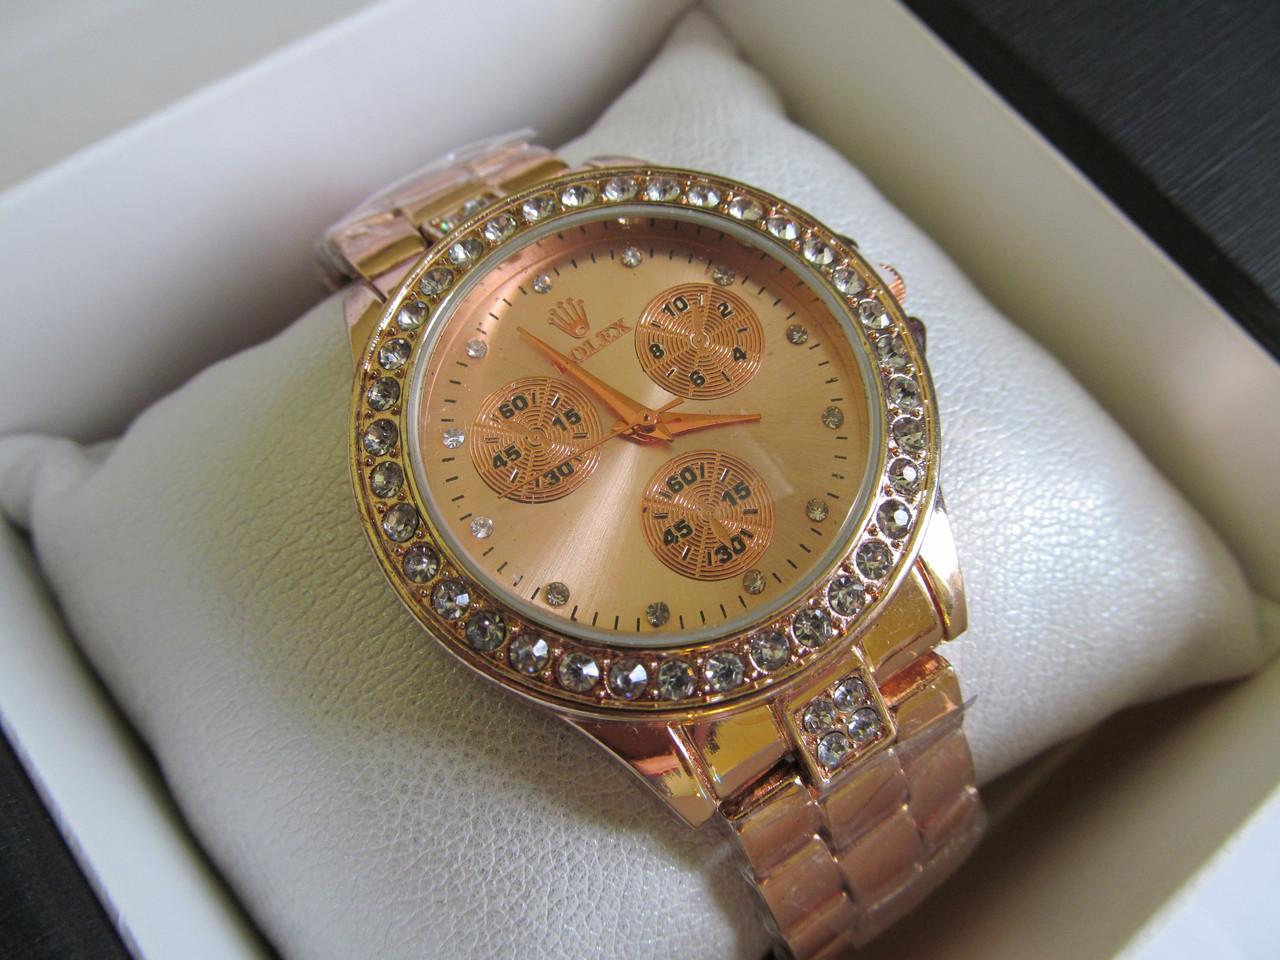 Женские наручные часы ROLEX под золото, Ролекс